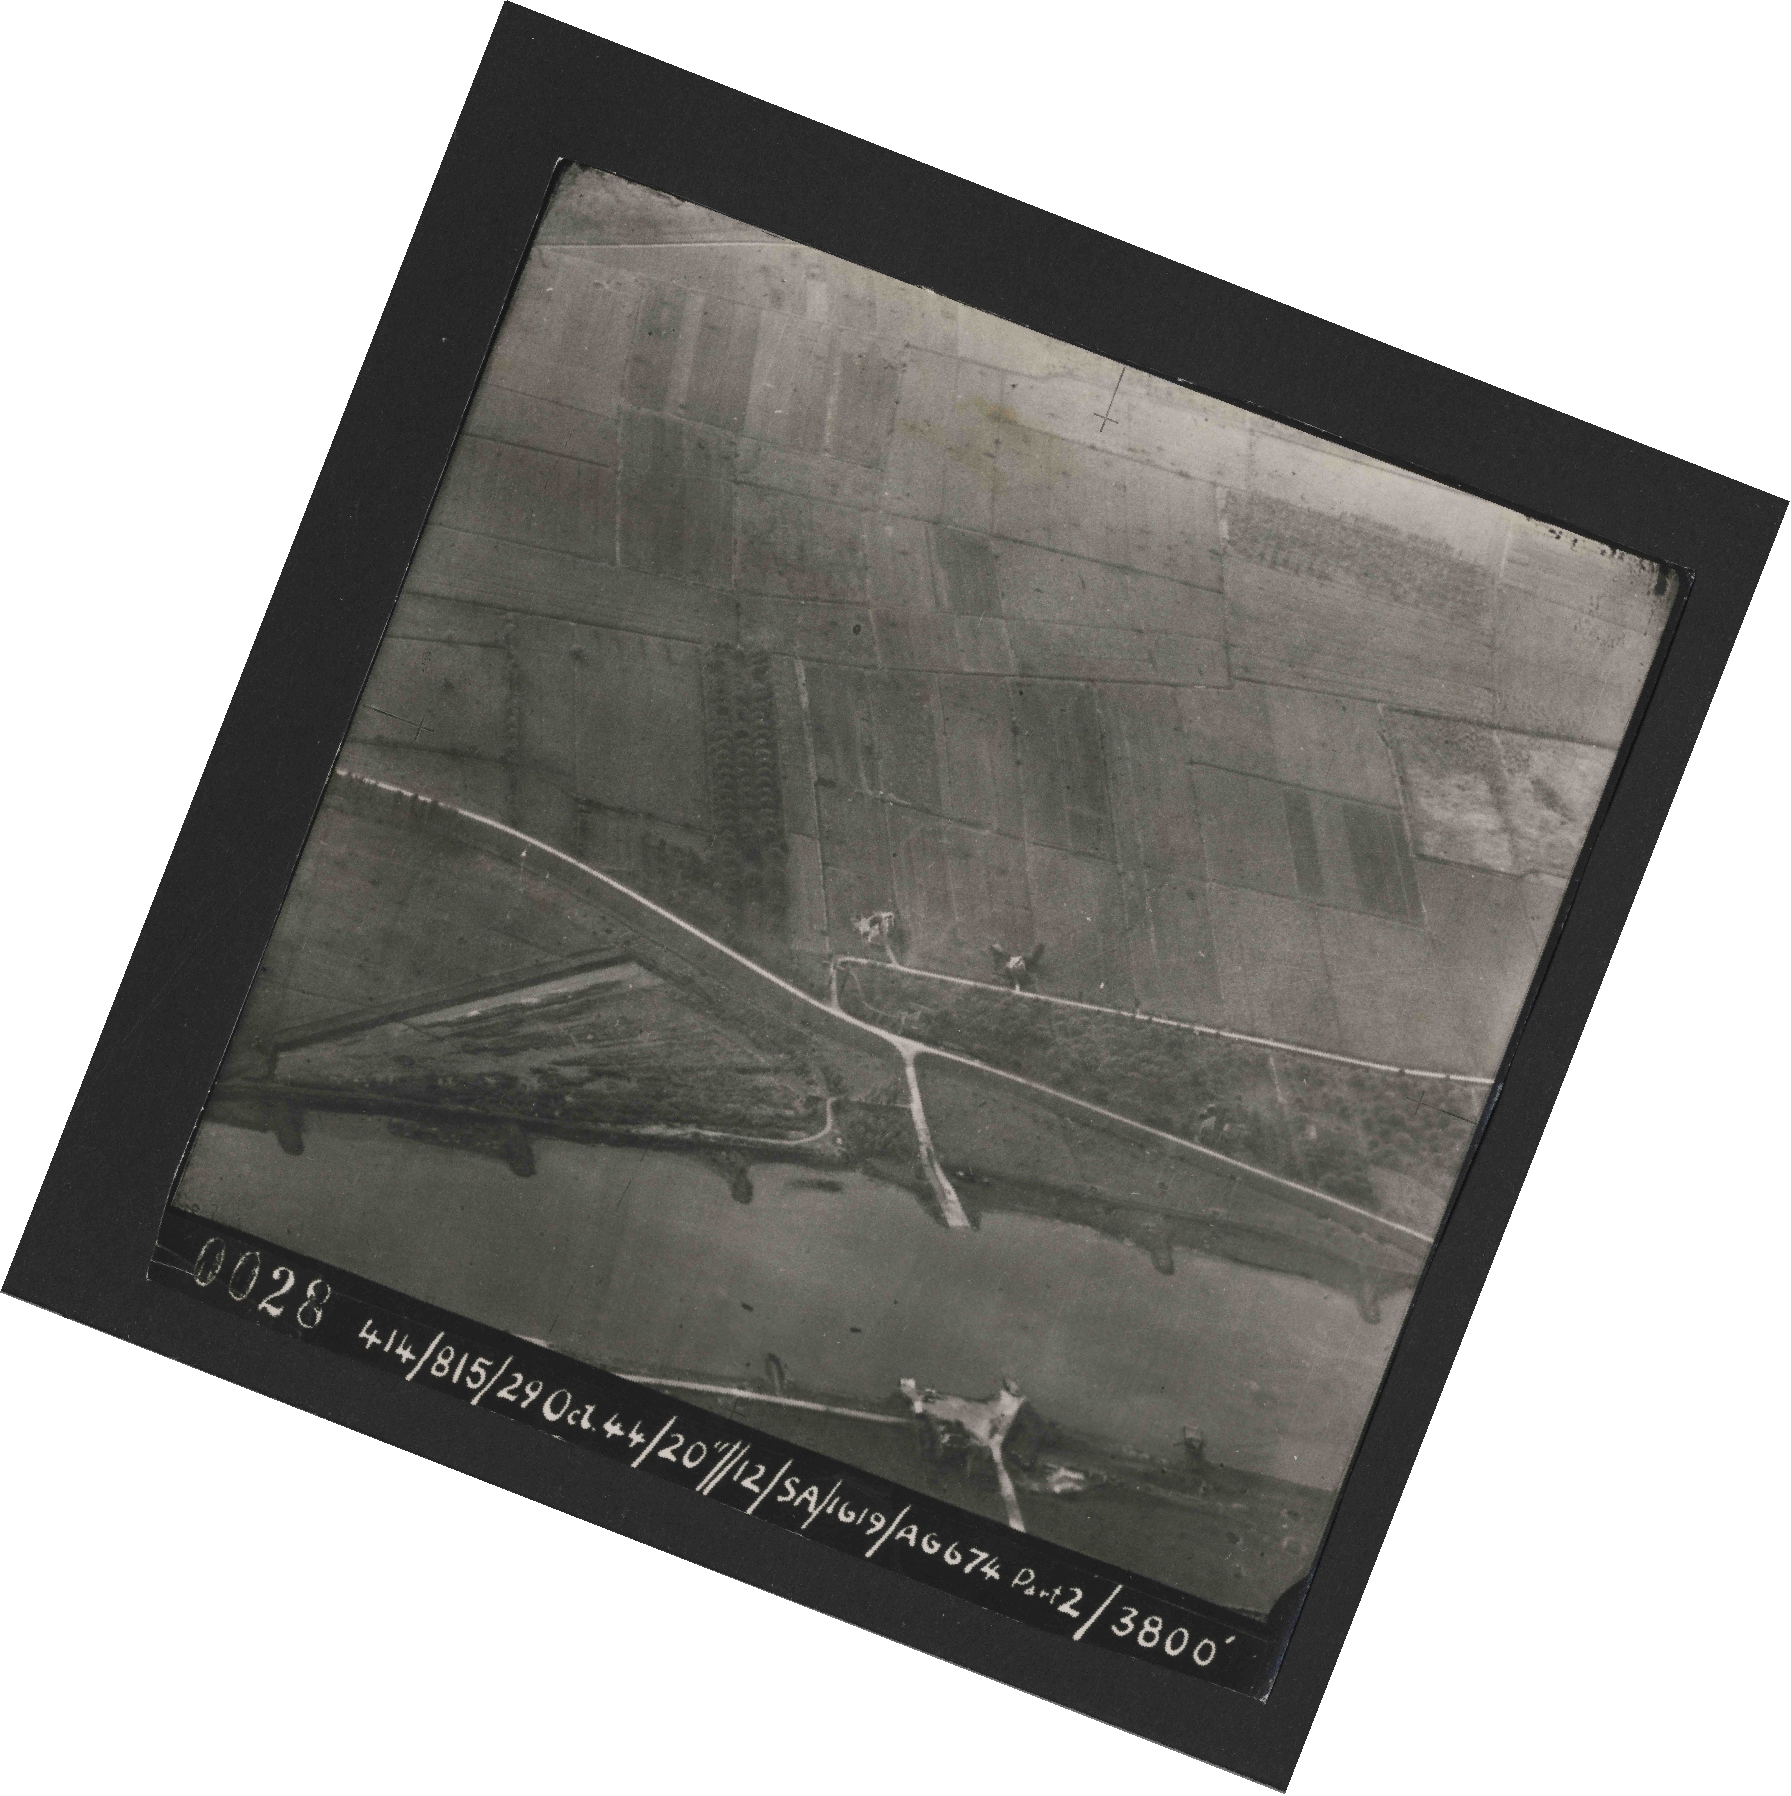 Collection RAF aerial photos 1940-1945 - flight 504, run 01, photo 0028